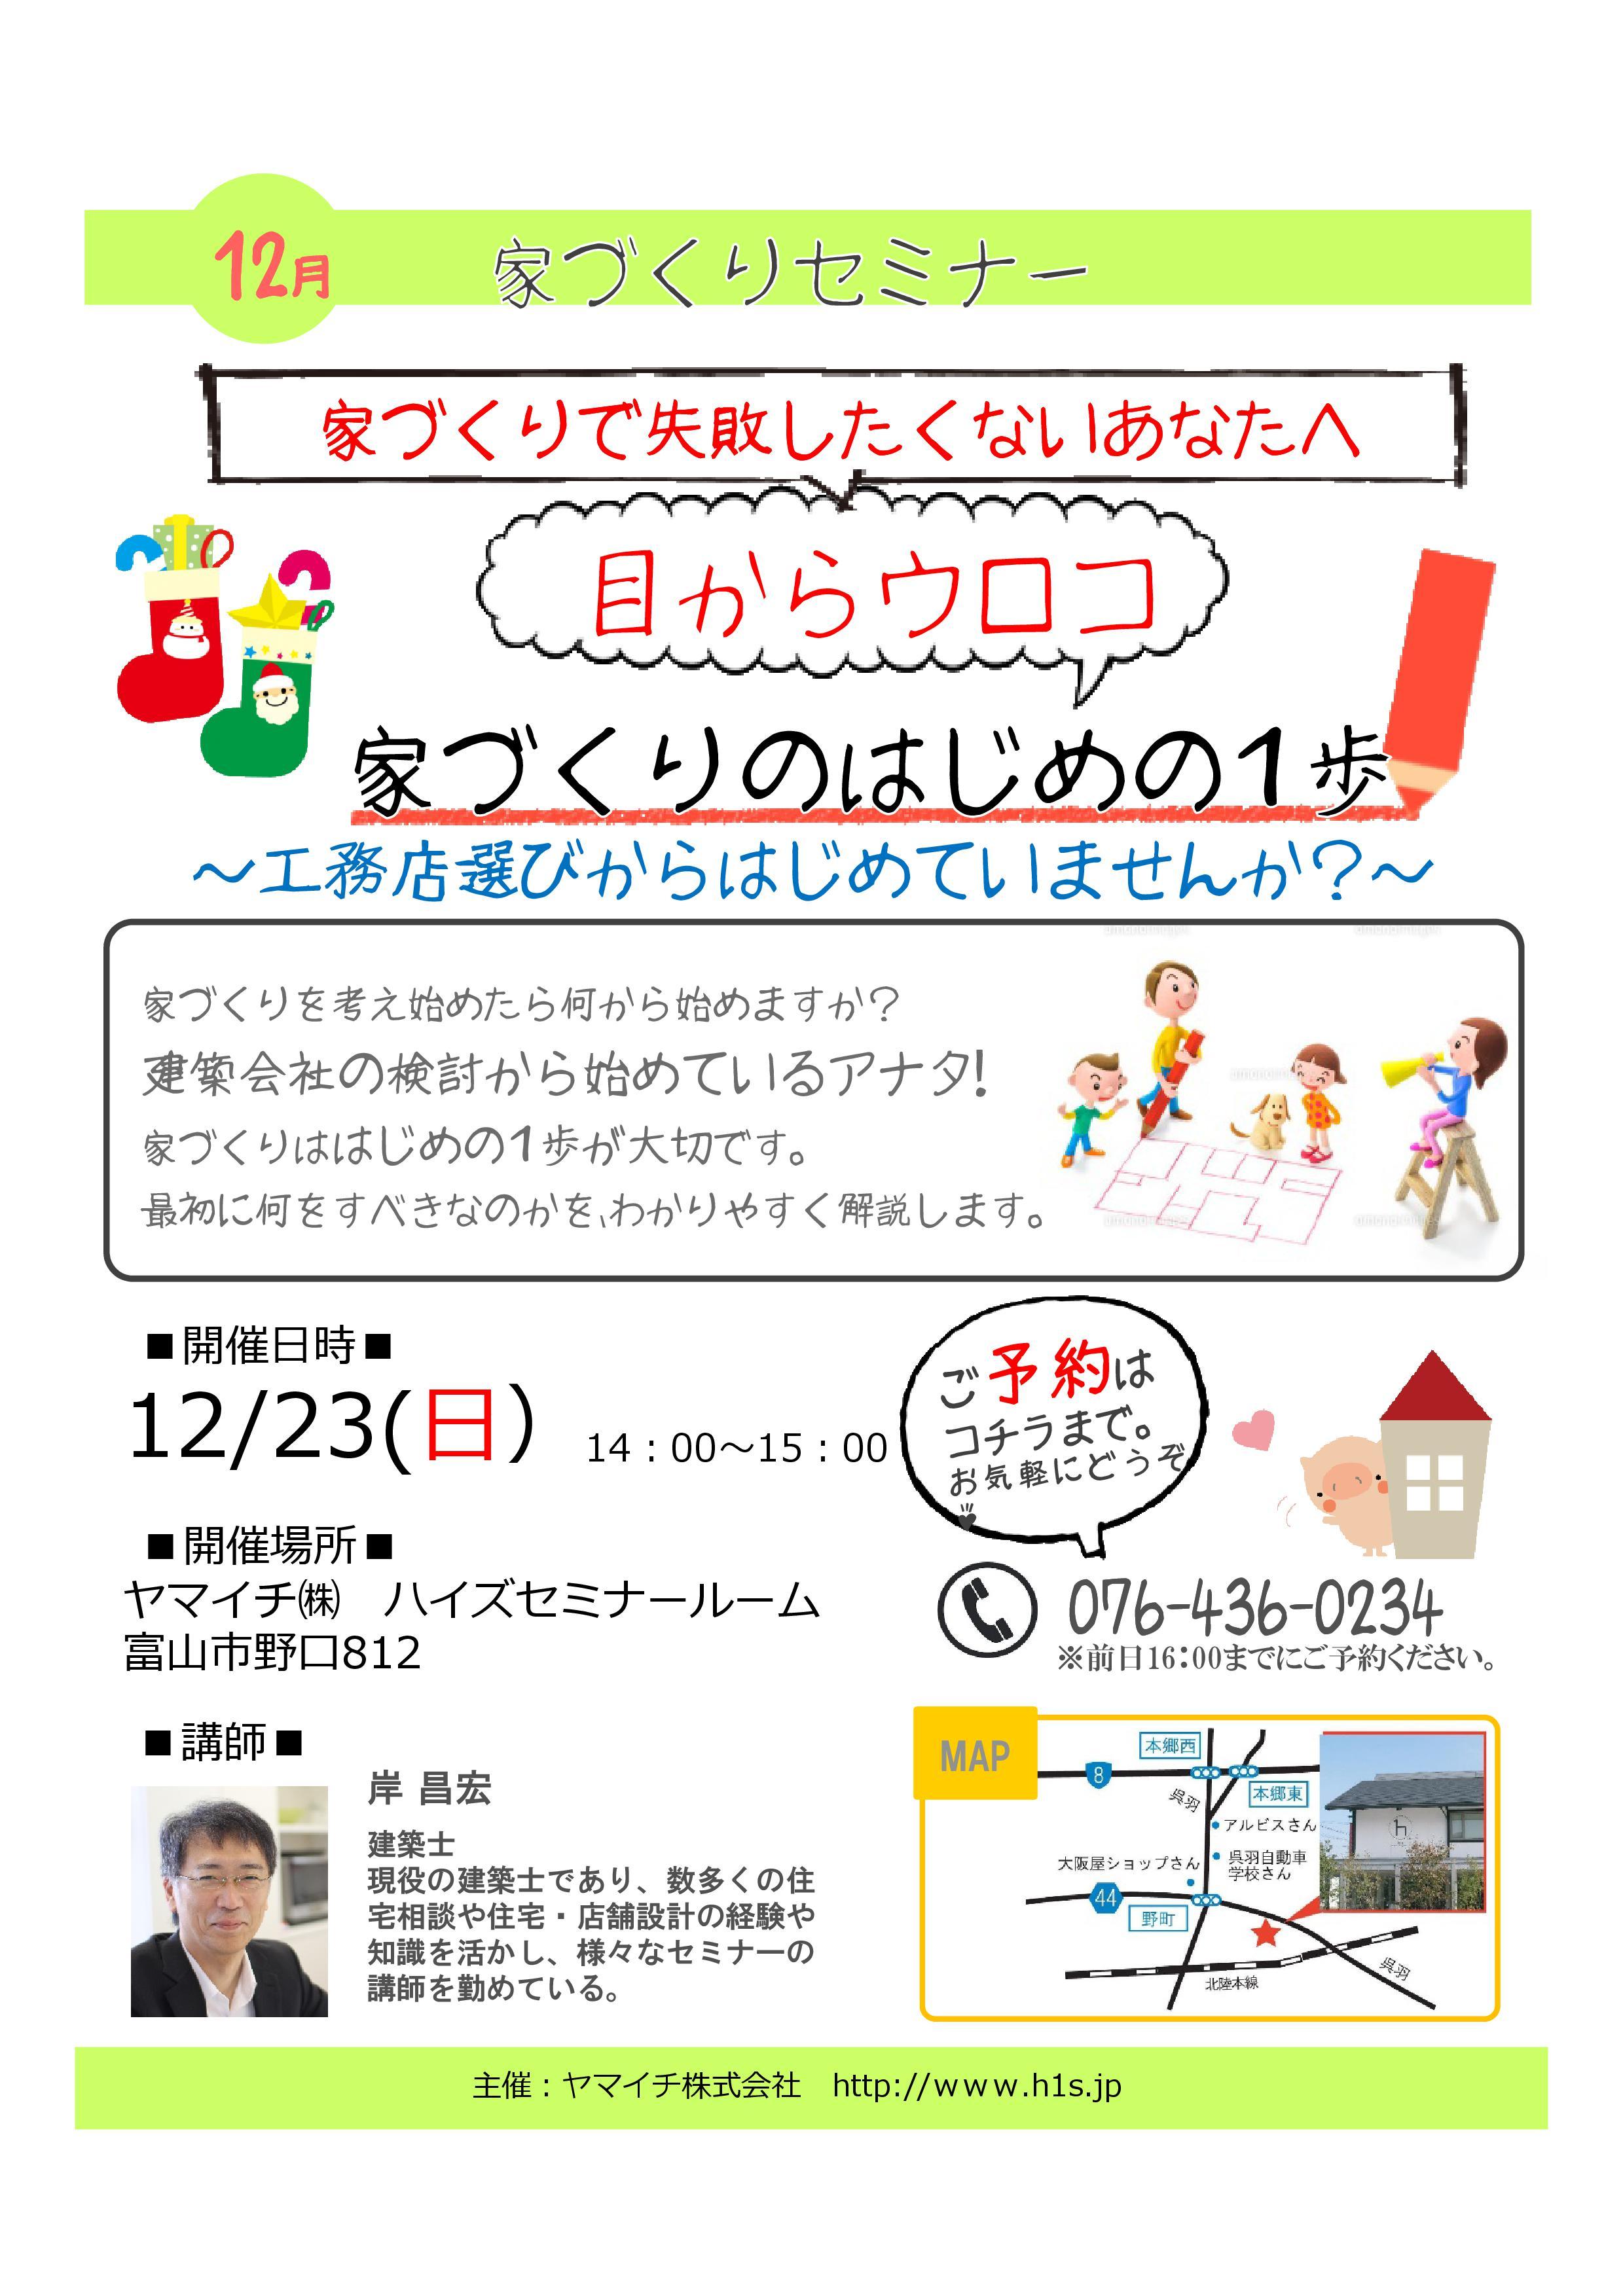 h1s_seminar_kishi_12【セミナー】12/23(日)「家づくりのはじめの一歩」